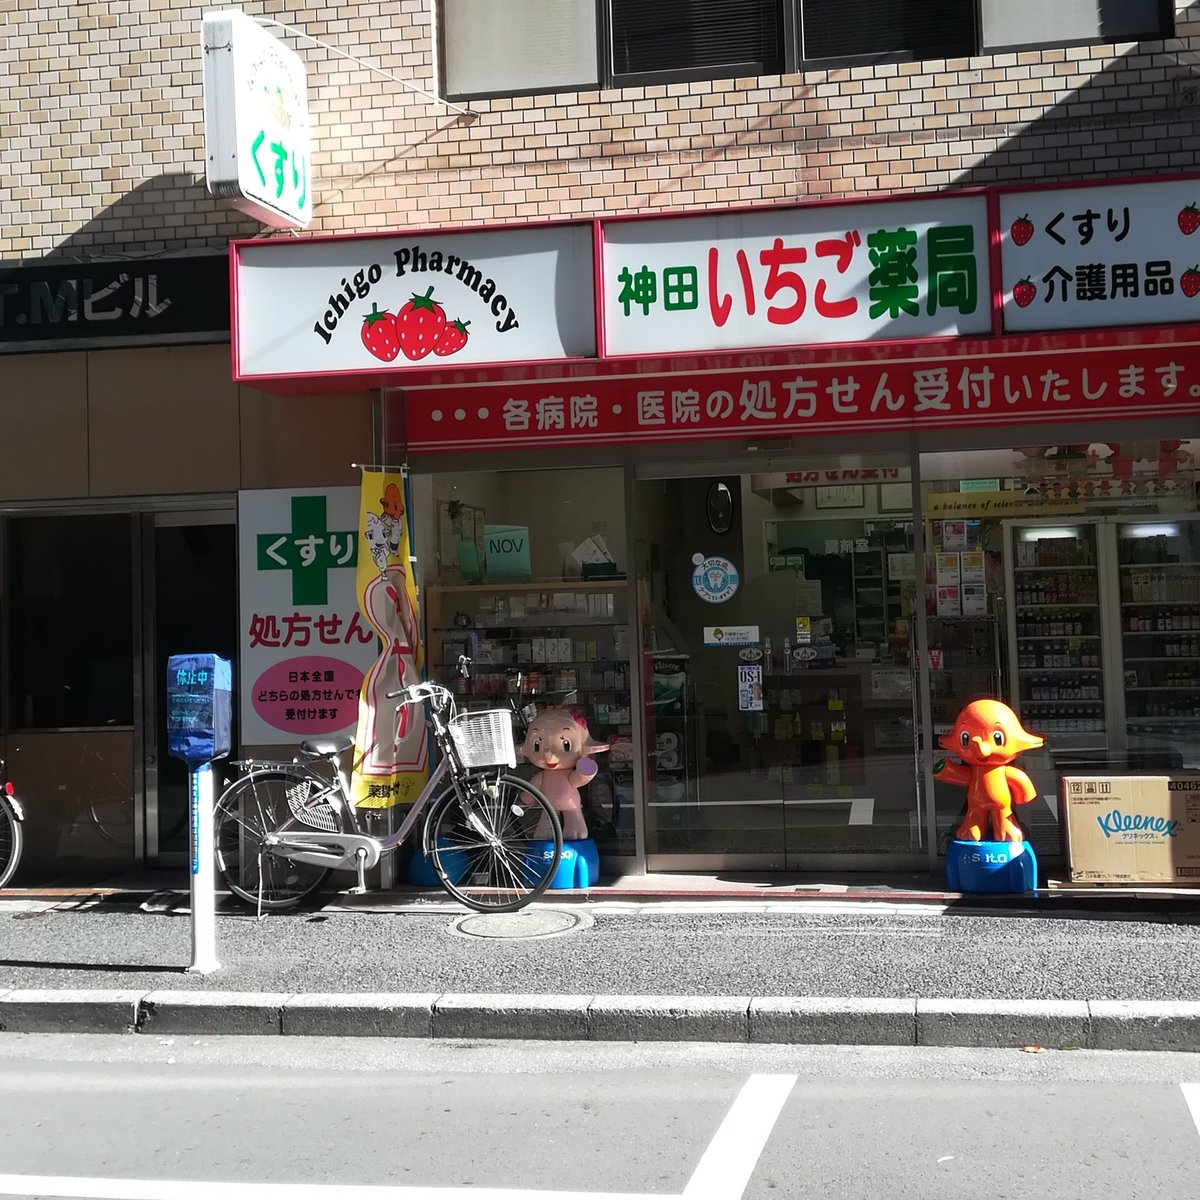 神田いちご薬局 - 浜松市中区 / 薬局 - goo地図